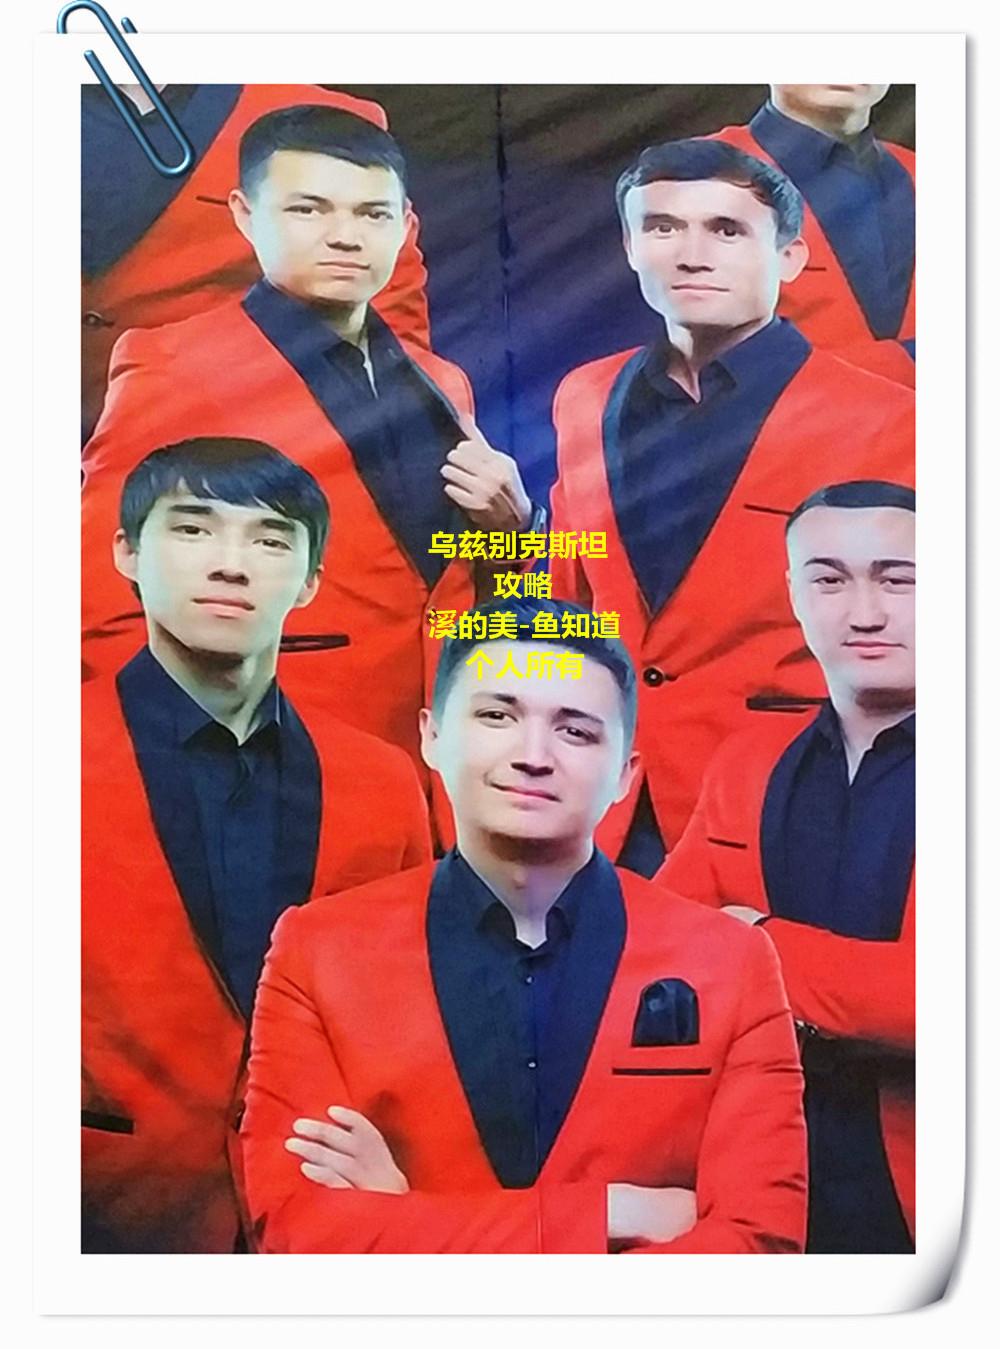 乌兹别克斯坦 —— 塔什干,维尔京……!_游记